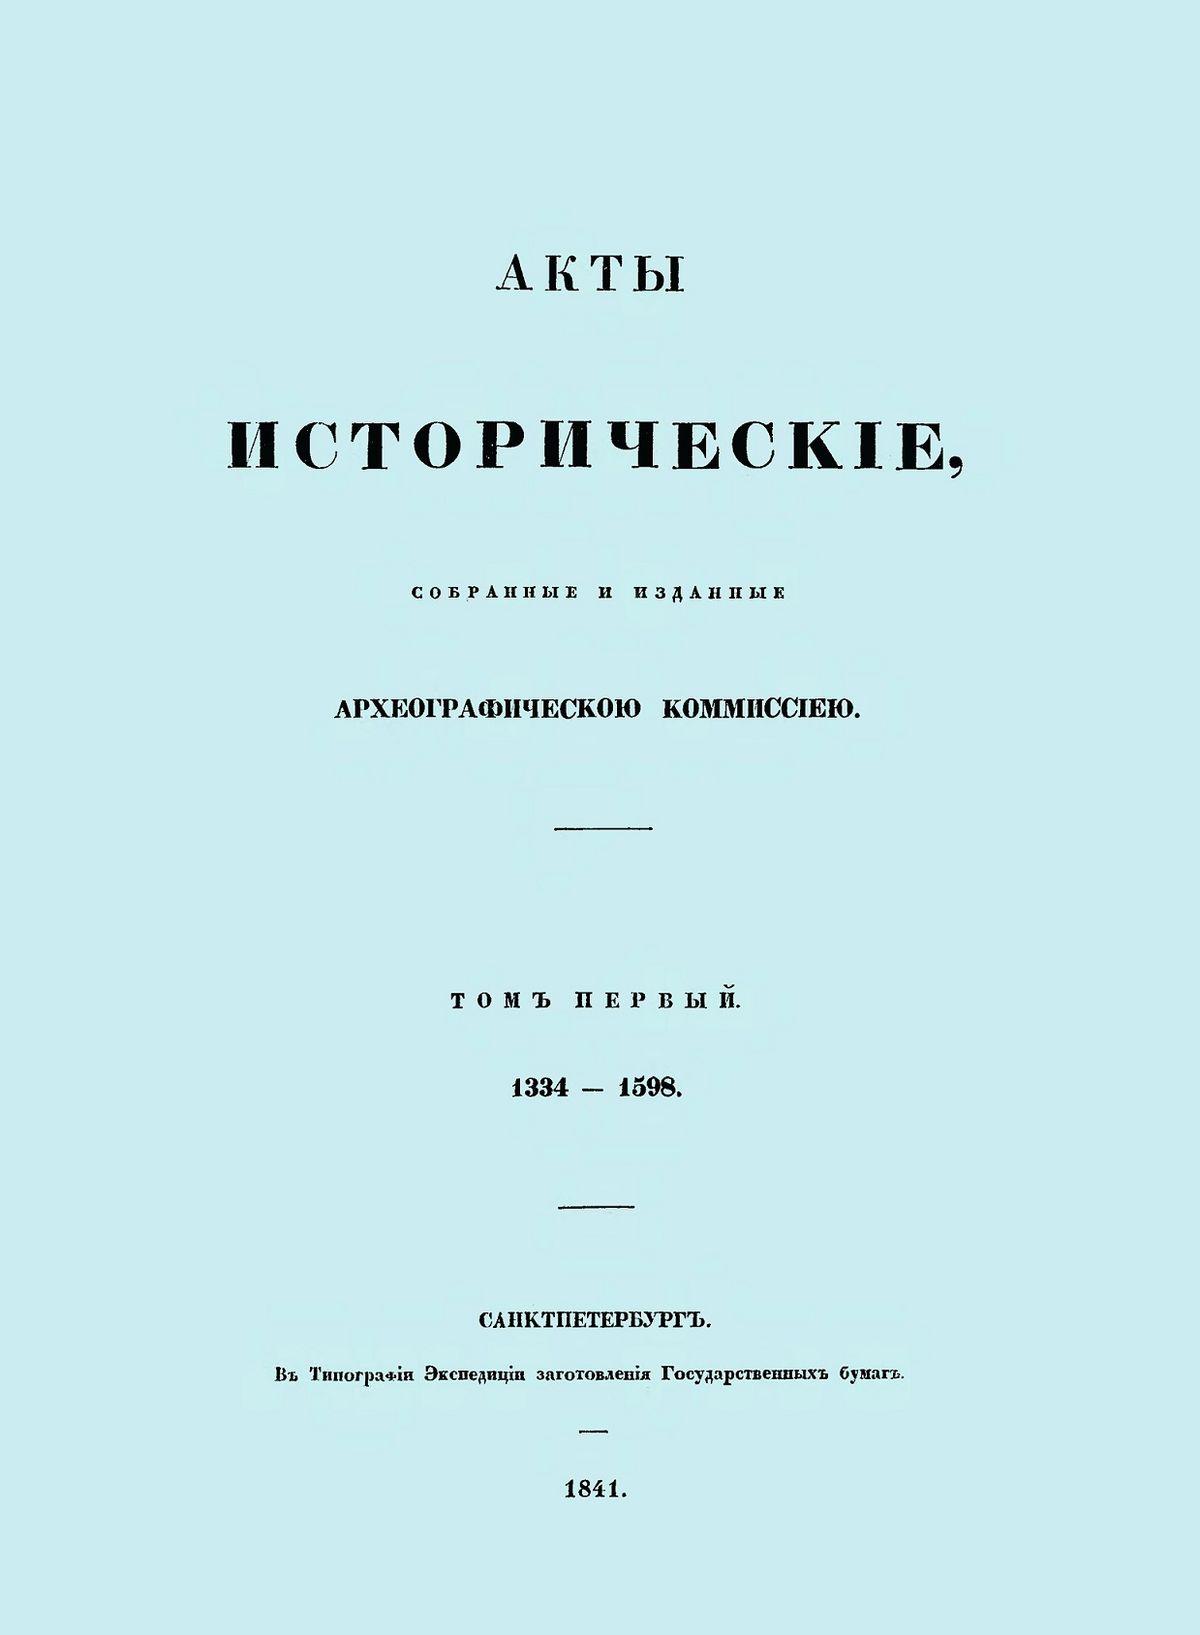 epub Акты, относящиеся к истории Южной и Западной России, собранные и изданные Археографической комиссией. Том 7